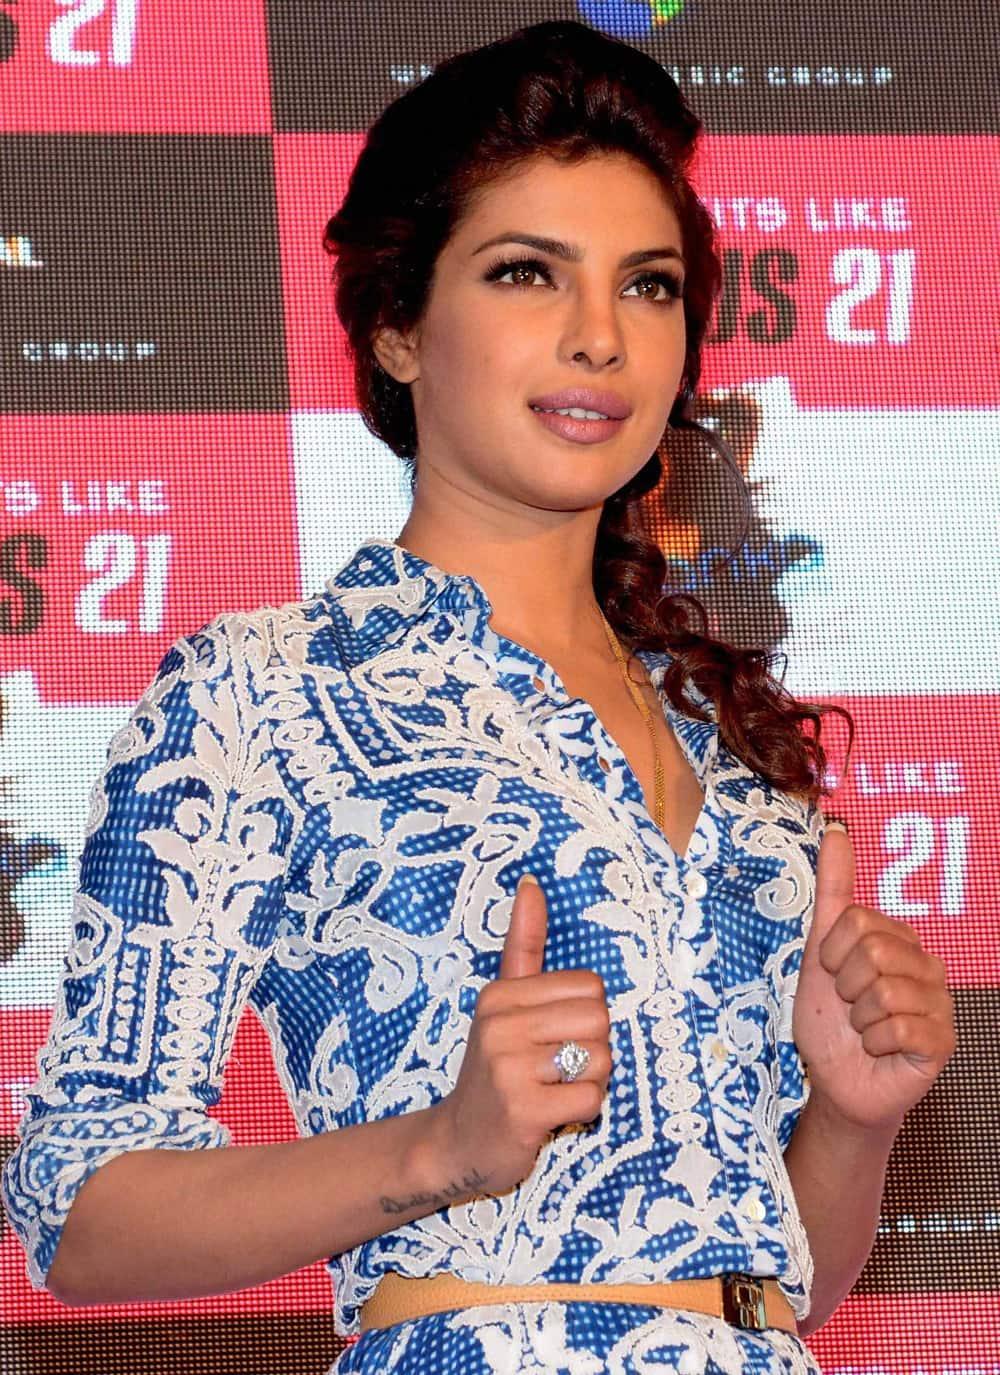 Priyanka Chopra during a promotional event in Mumbai.